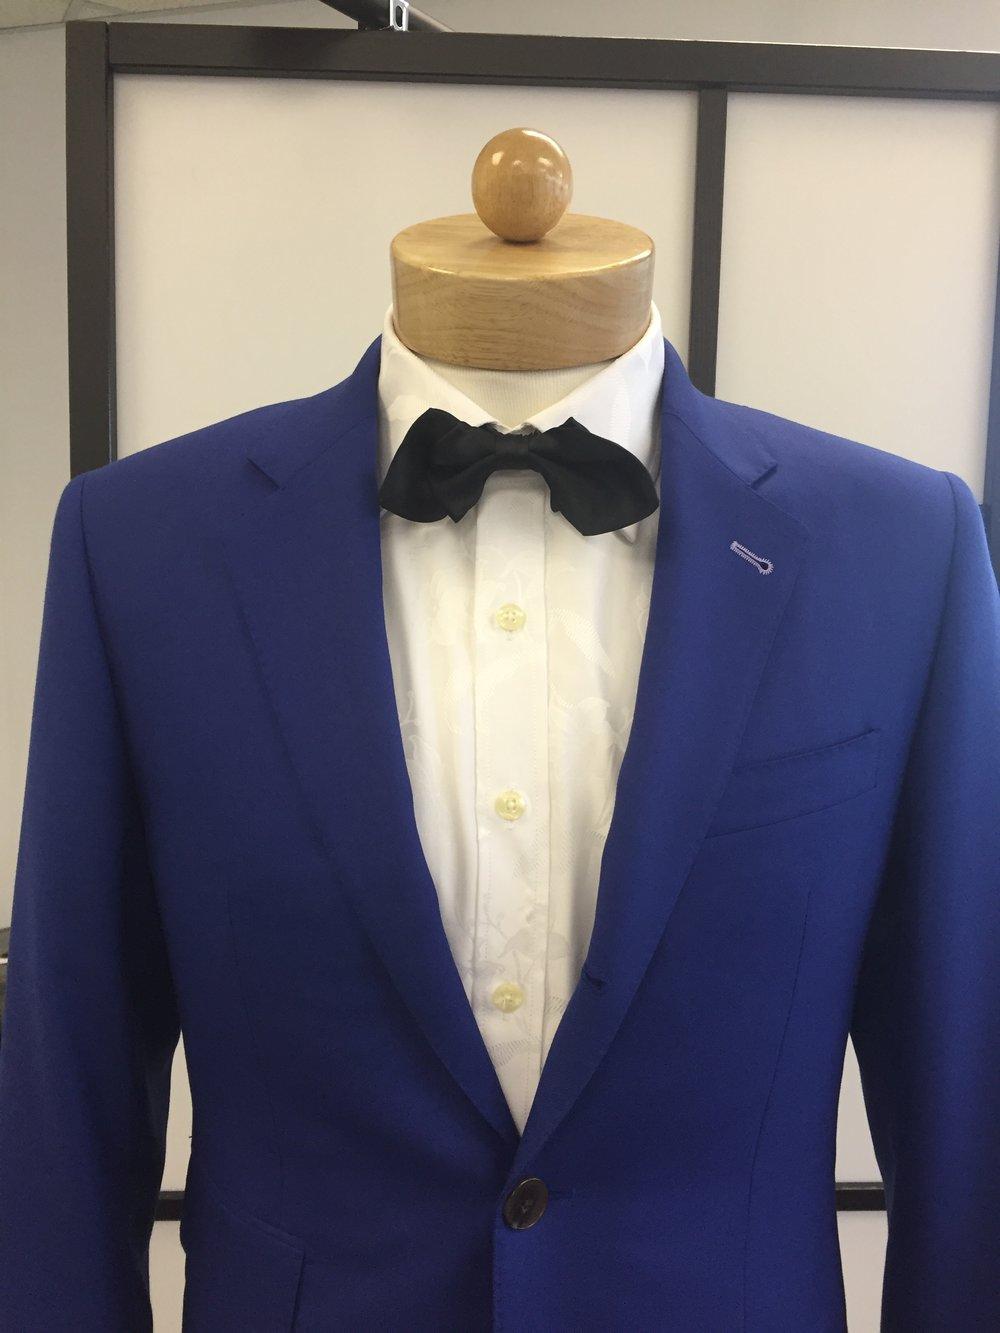 Tessuti Di Sondrio - Pure Linen Suits